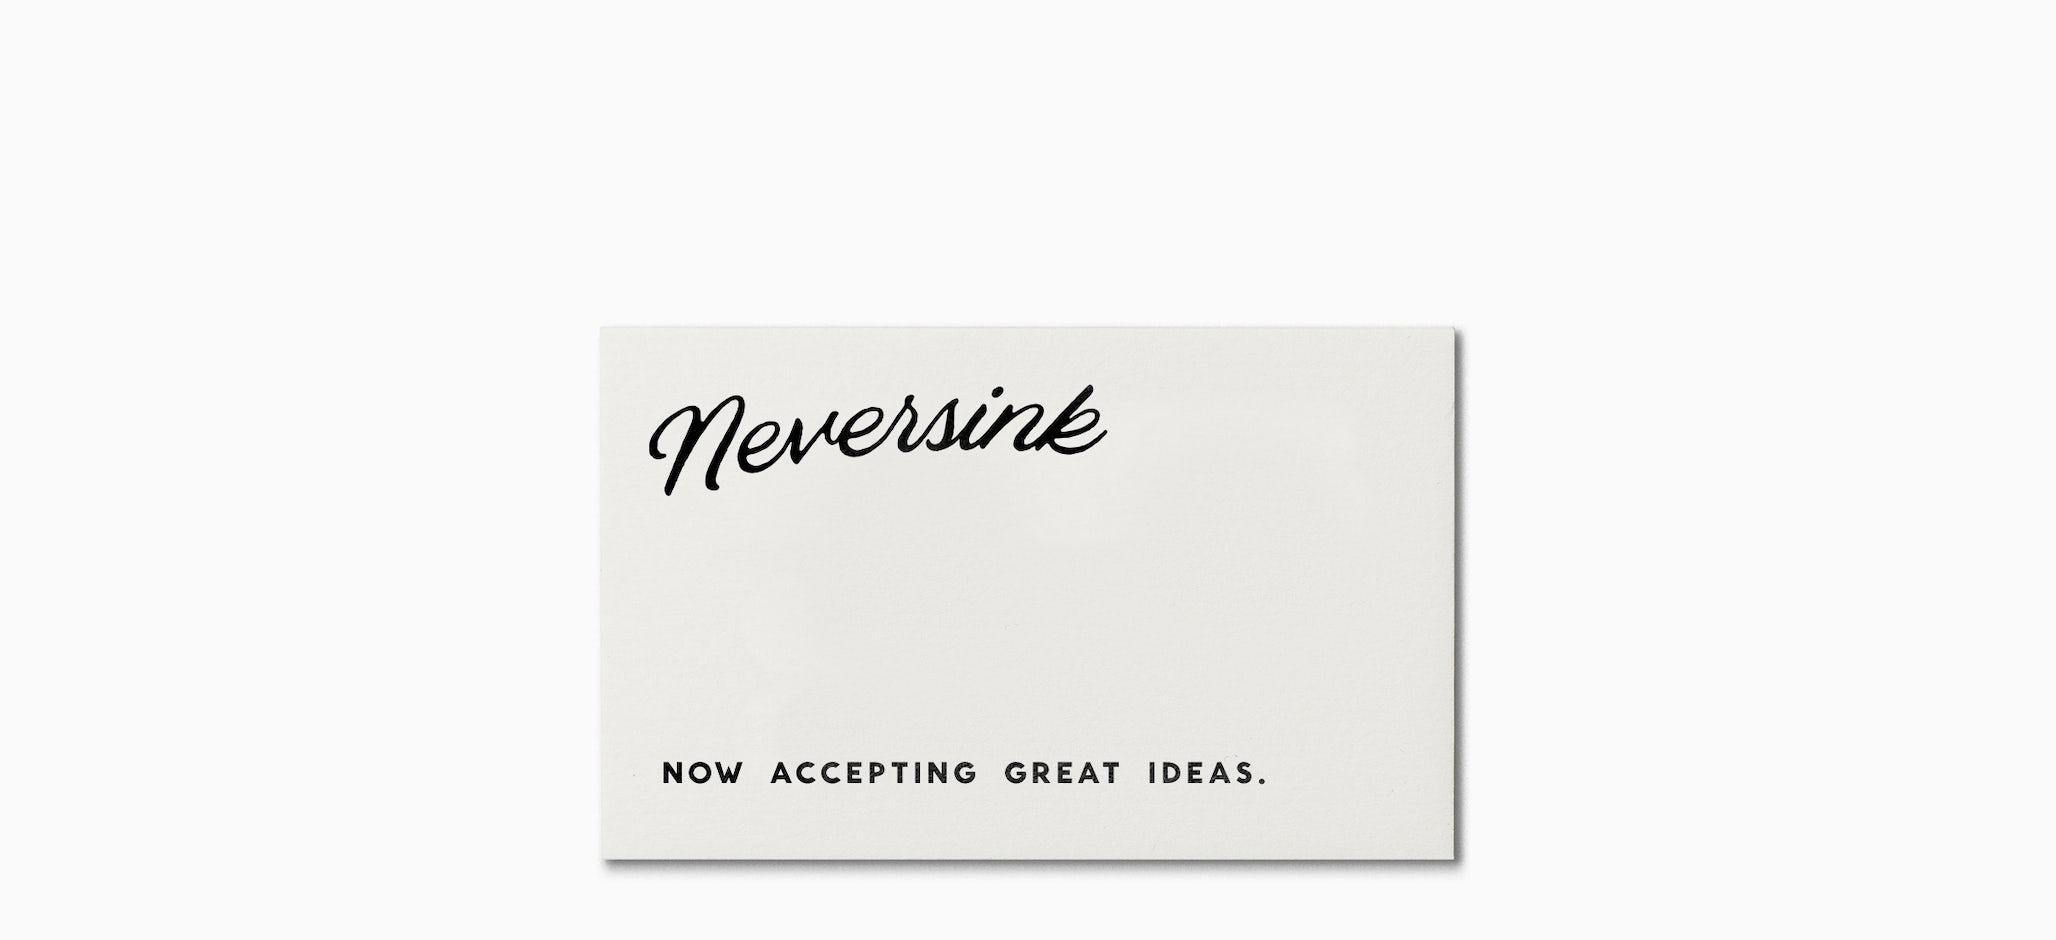 Neversink Contact Card